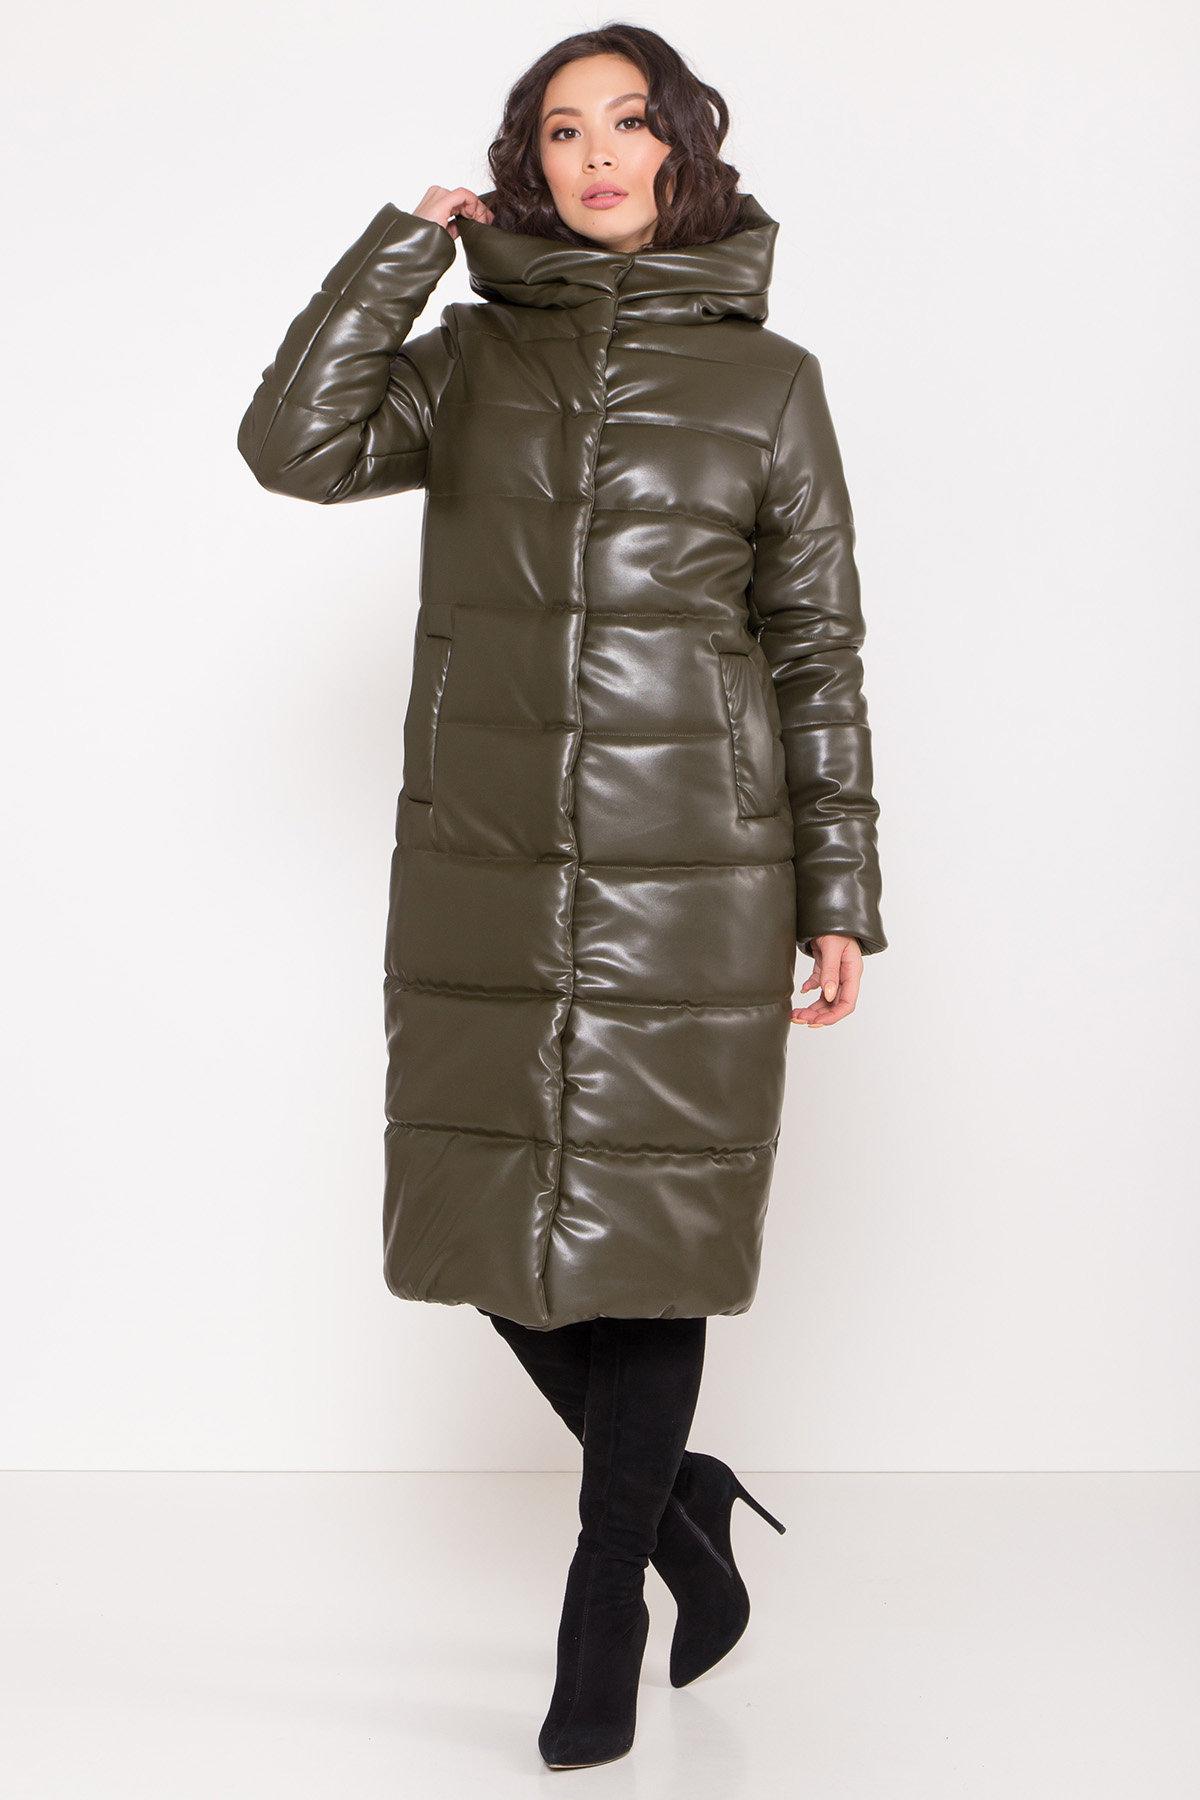 Удлиненный зимний пуховик из экокожи Сигма 8620 АРТ. 44968 Цвет: Хаки - фото 9, интернет магазин tm-modus.ru